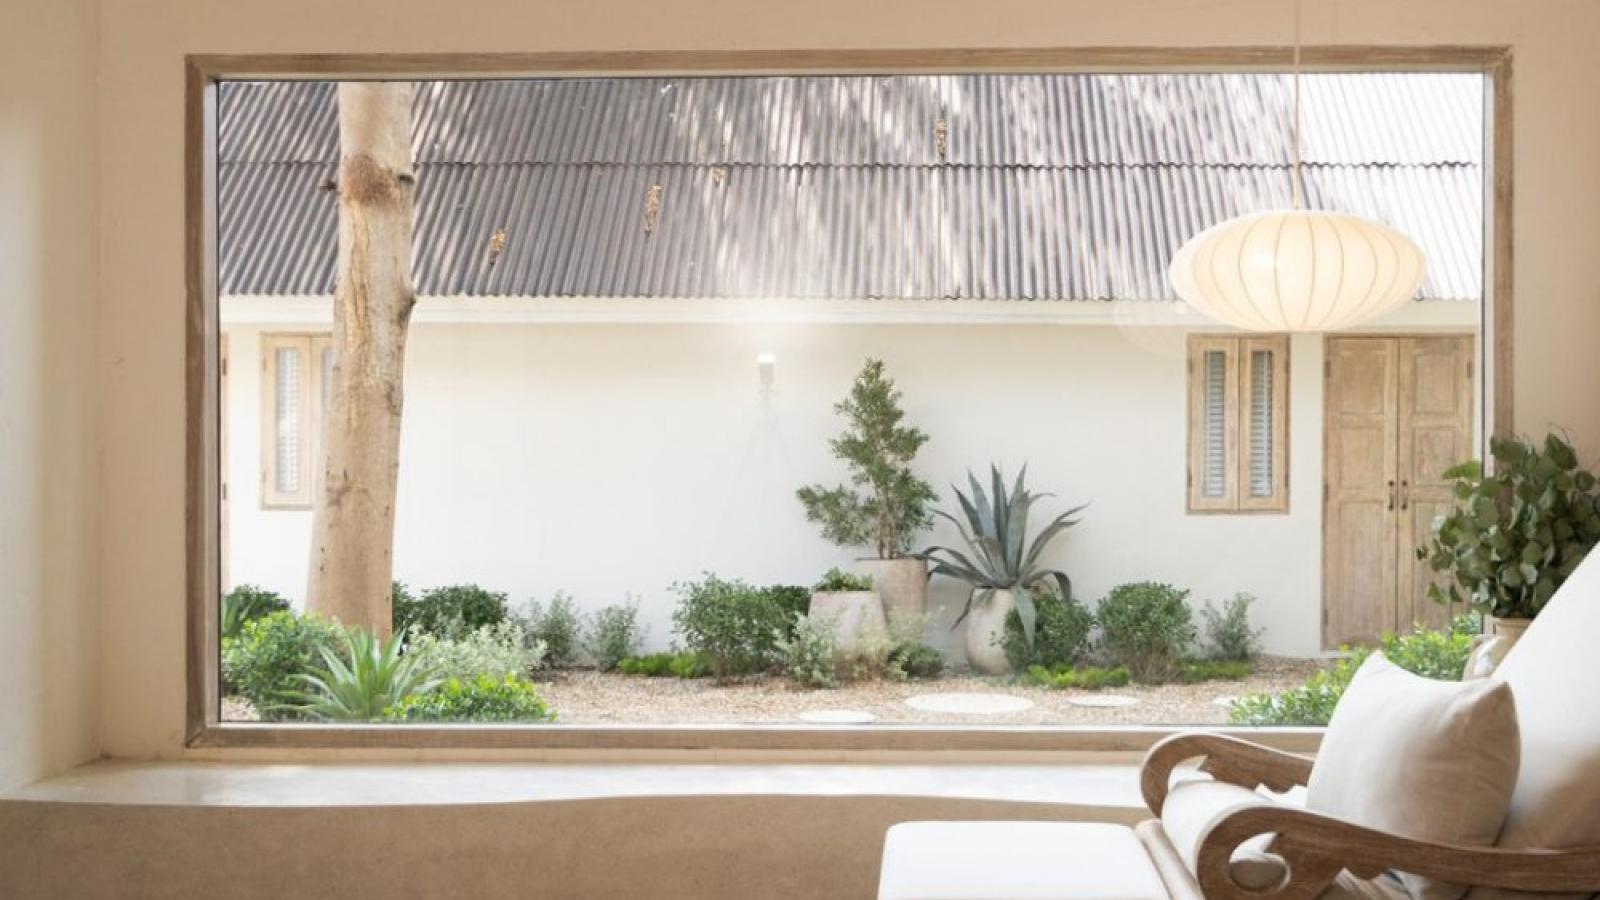 Ngôi nhà xinh xắn, nhẹ nhàng, đẹp tựa làn gió thu